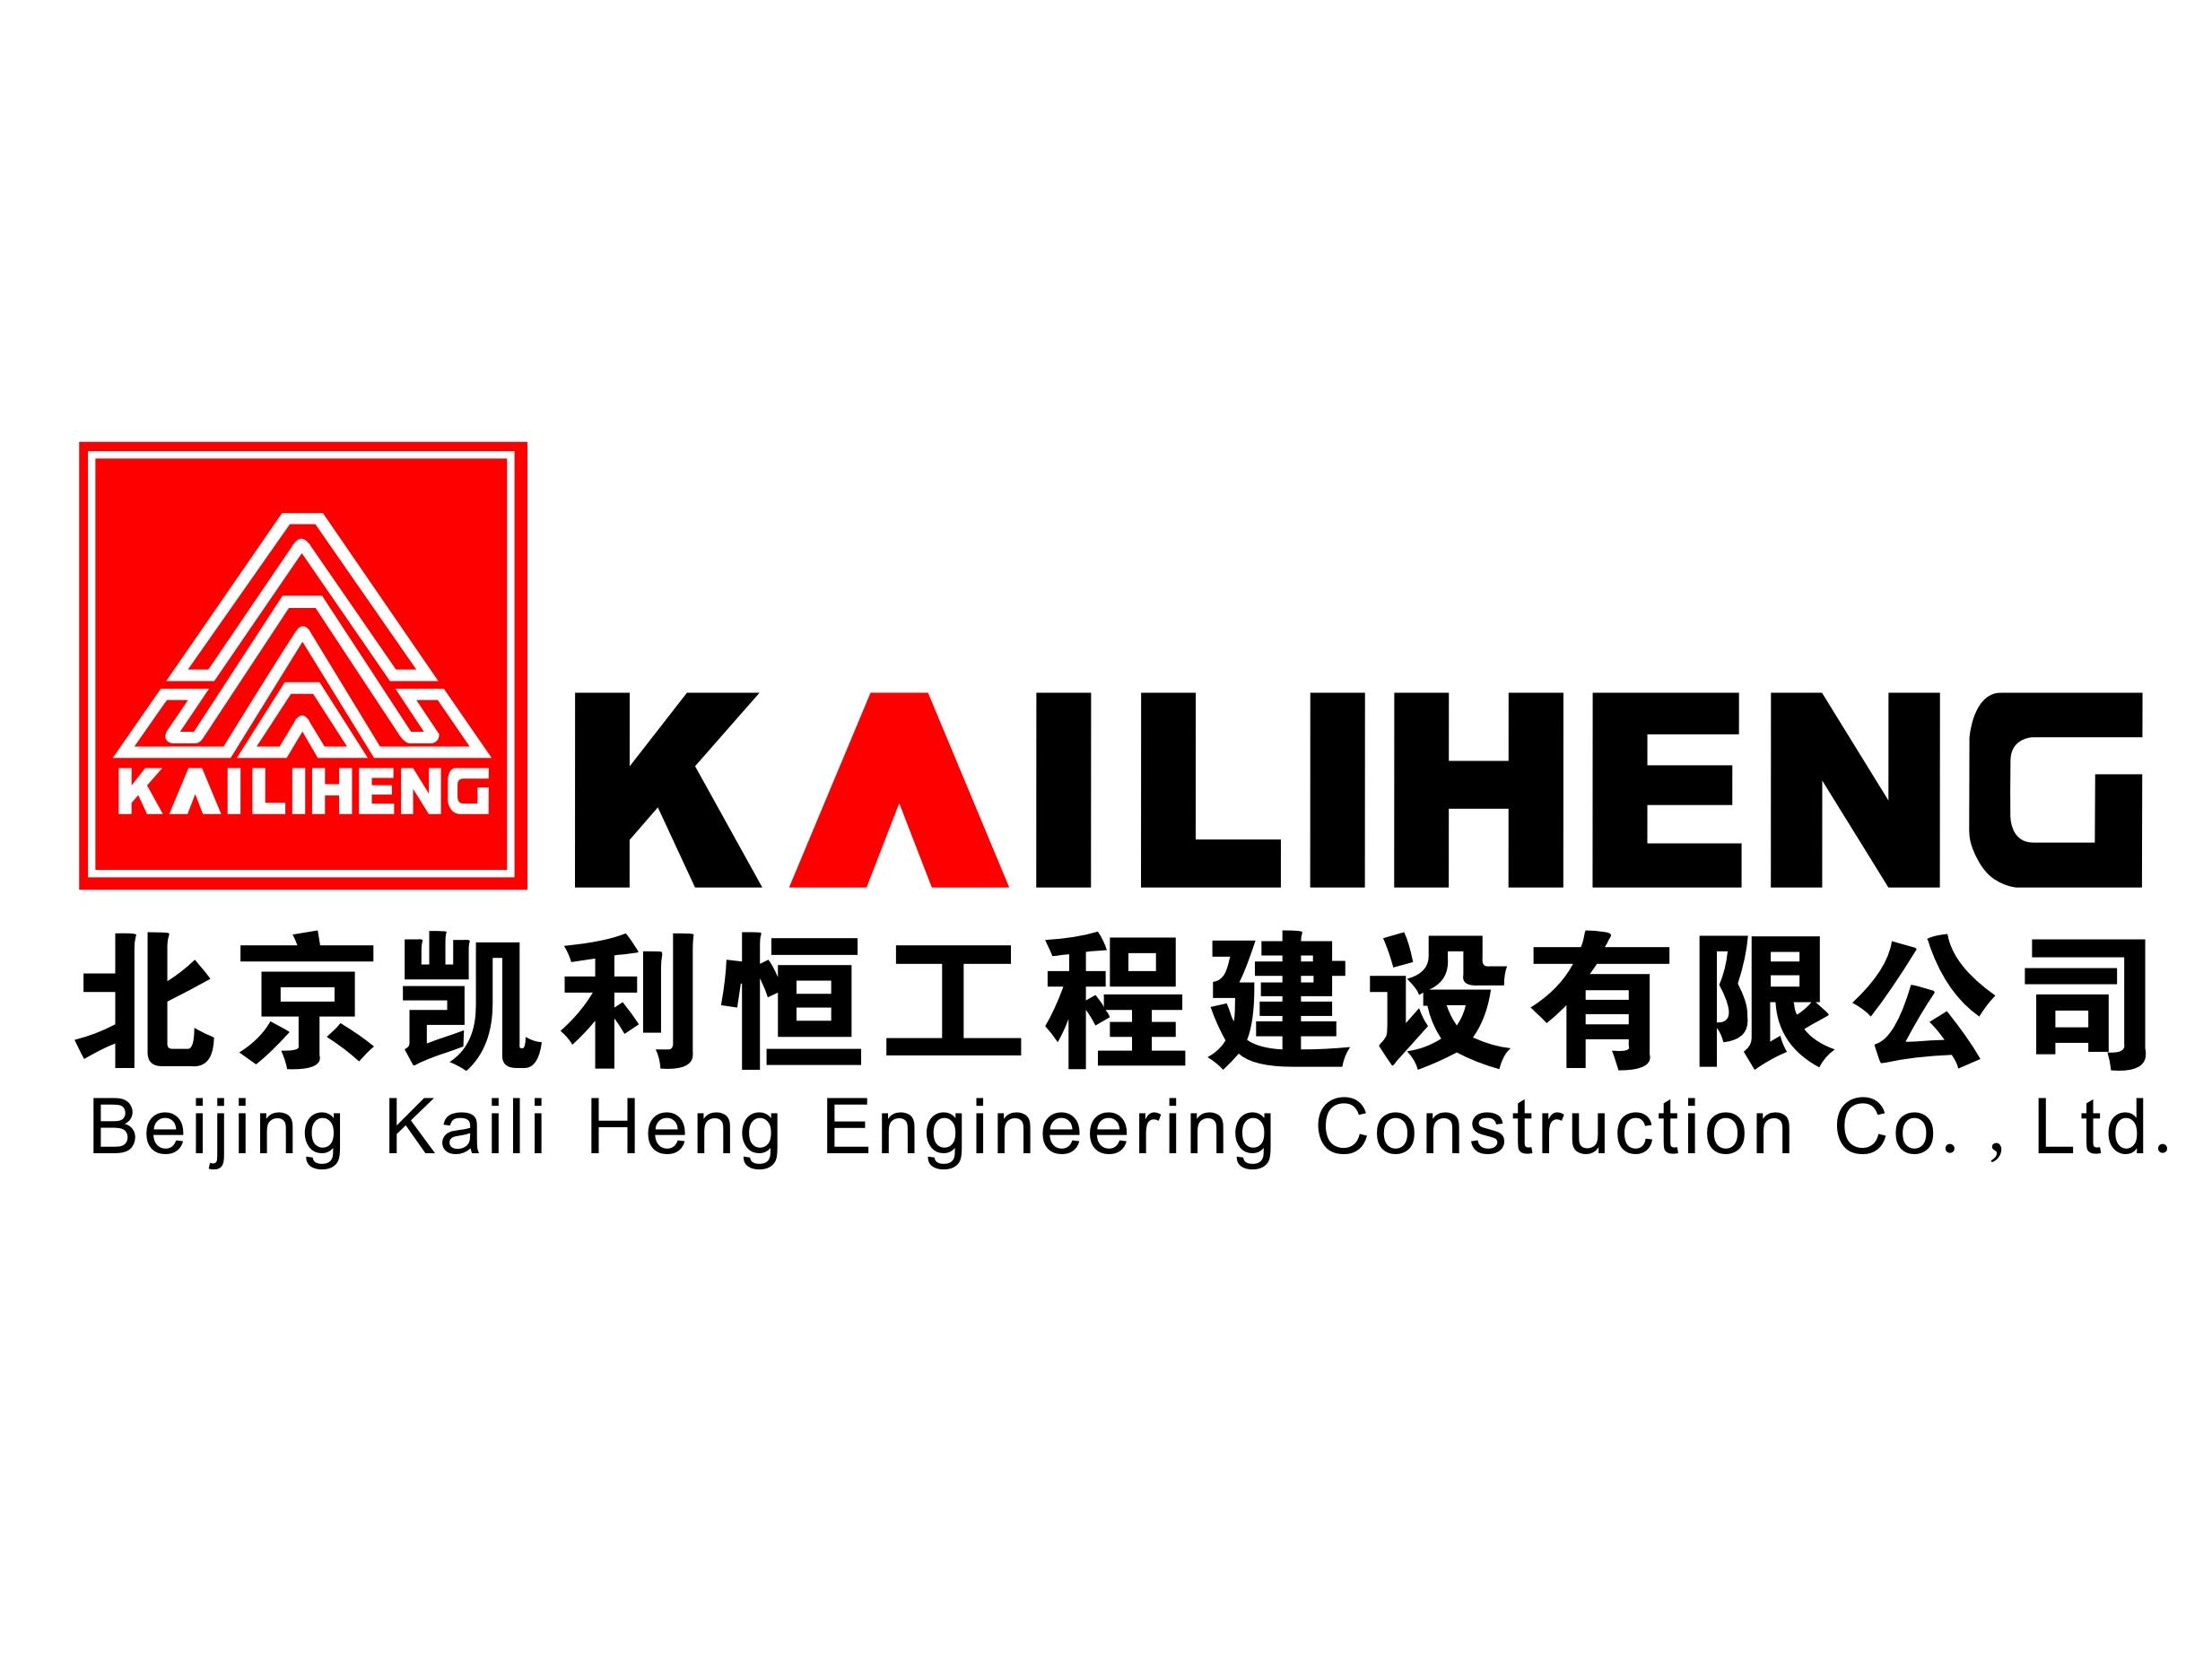 北京凯利恒工程建设有限公司